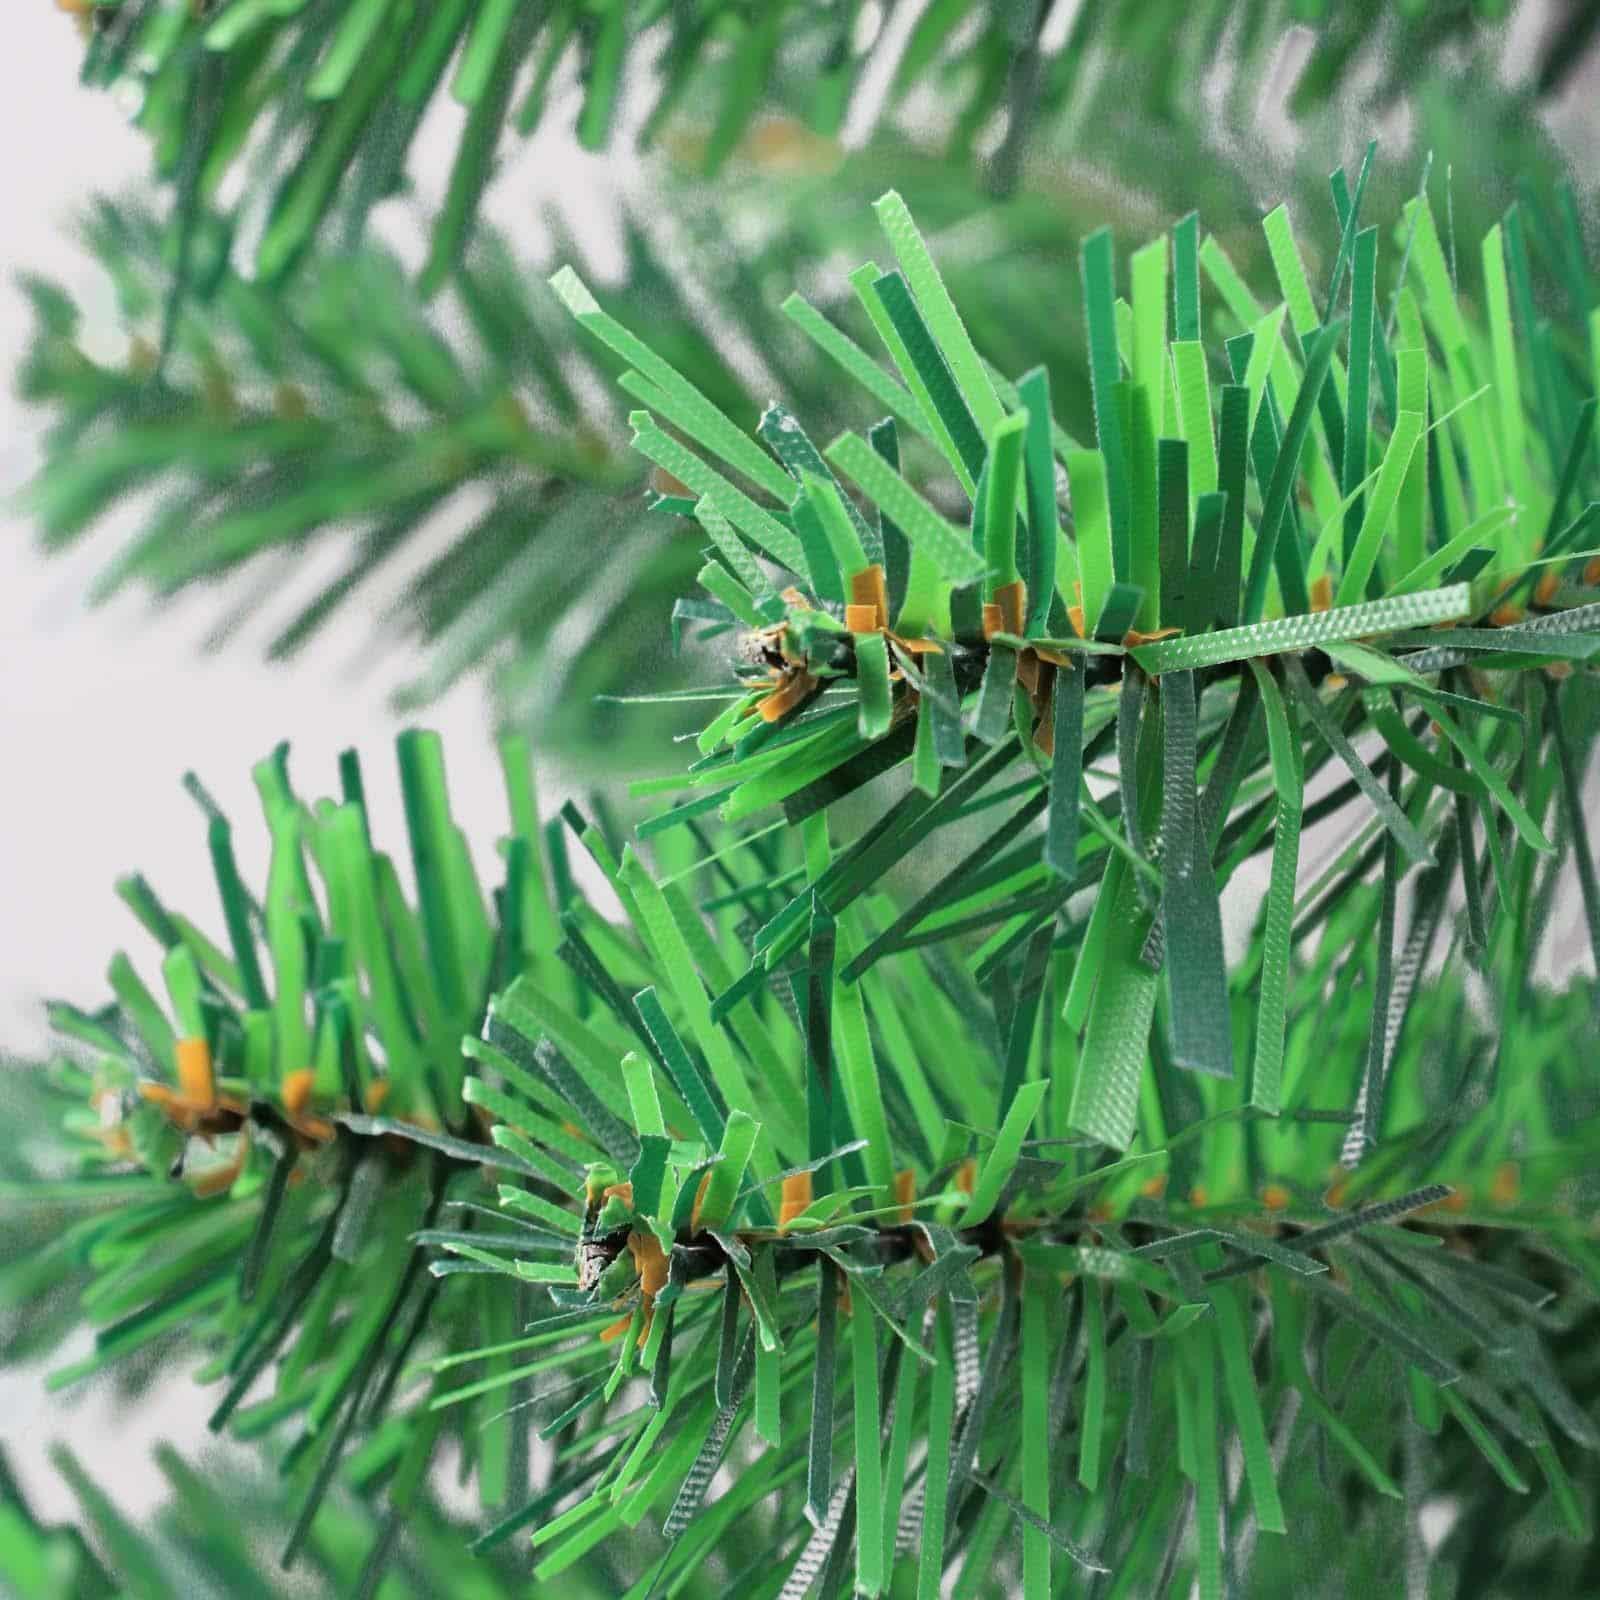 Kunstkerstboom 120cm incl.standaard - 260 takpunten! - 90cm breed